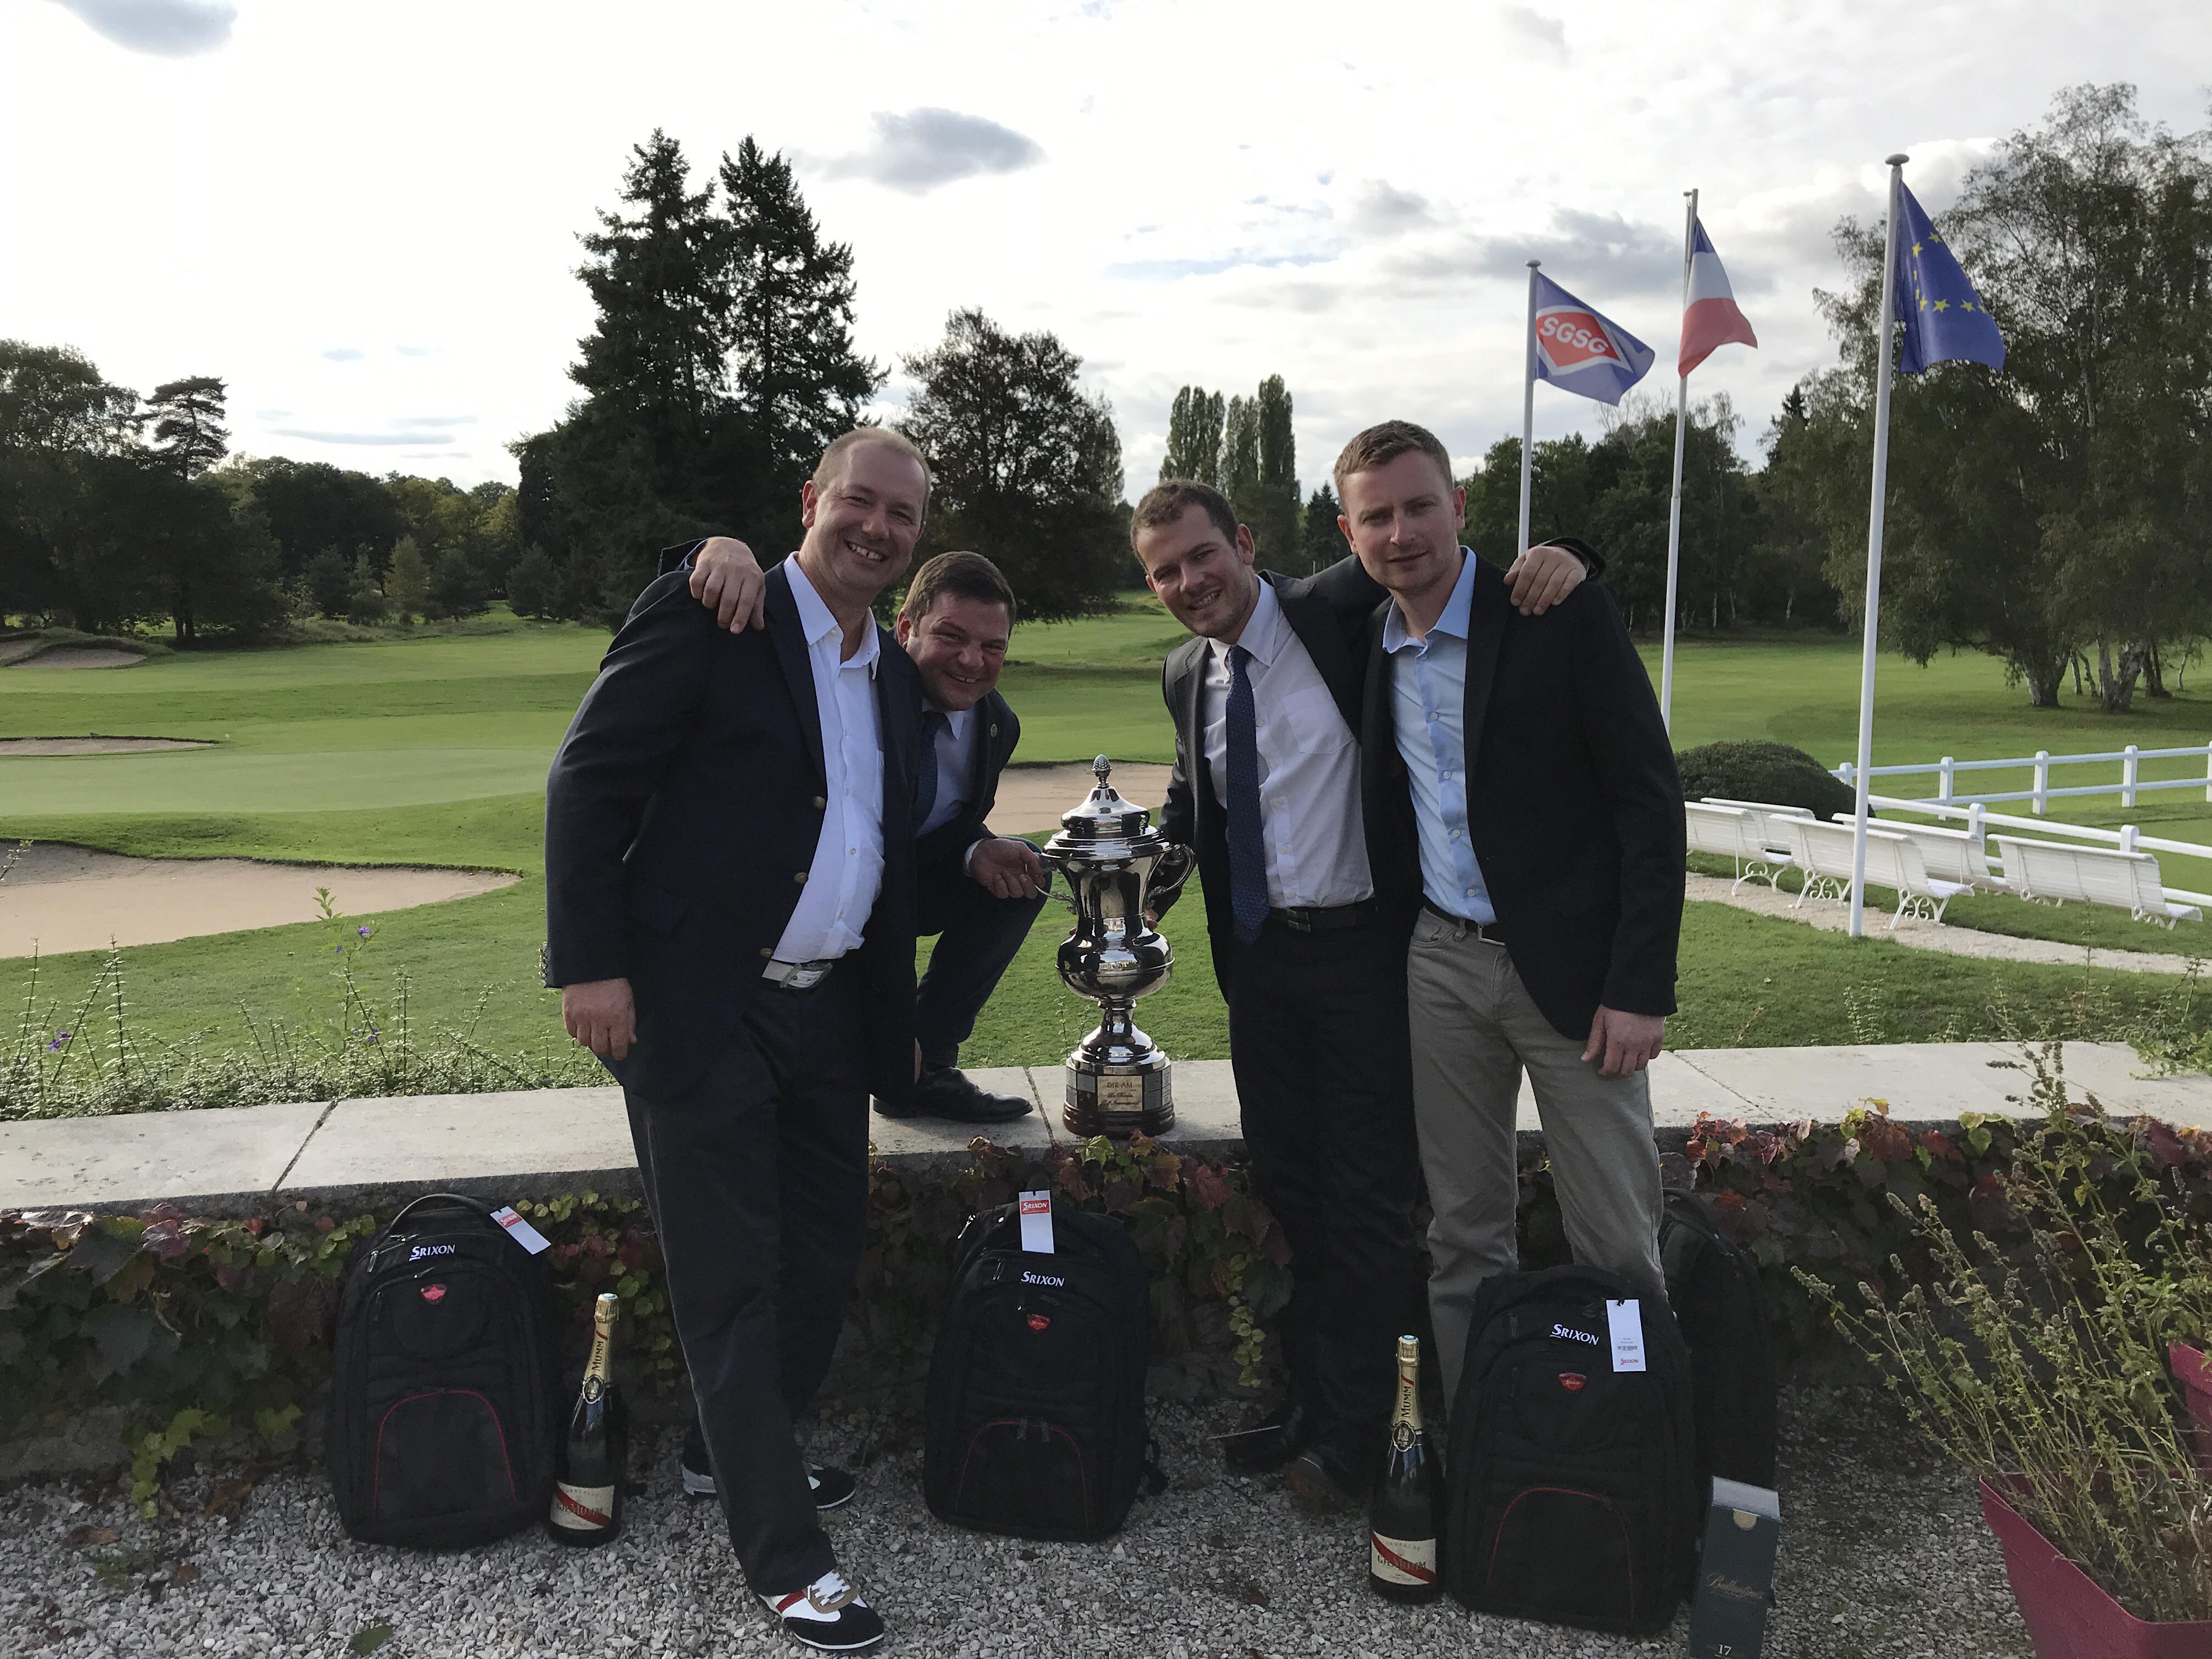 Avatar of golfer named Pierre Chevallier